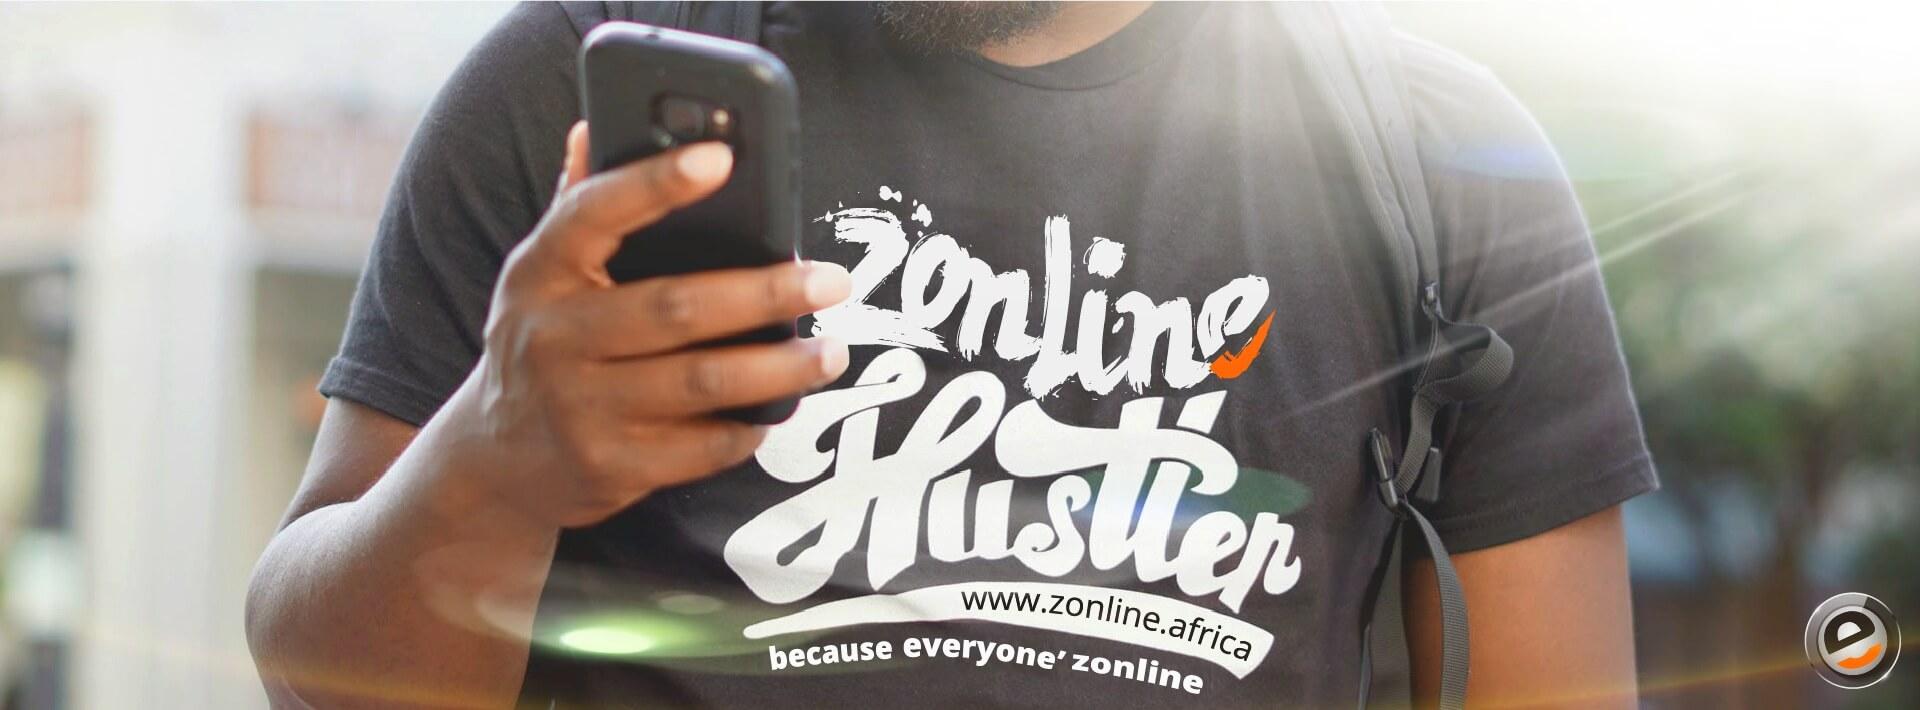 zonline huster affiliate program